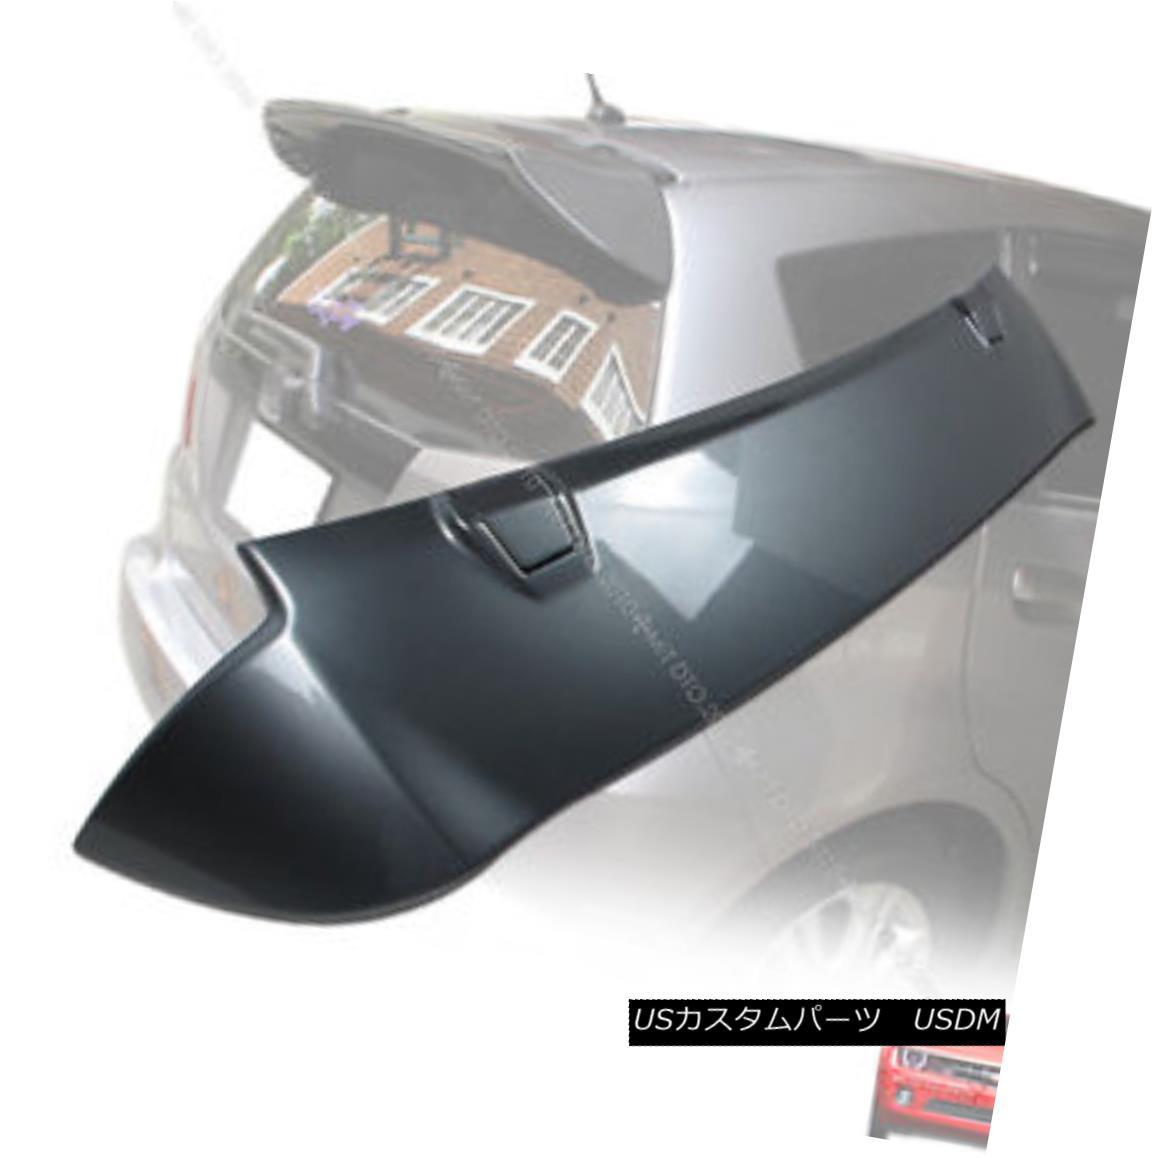 エアロパーツ Painted FOR HONDA FIT JAZZ US model Rear Boot Trunk Spoiler Wing HONDA FIT JAZZ USモデルRear Boot Trunk Spoiler Wing